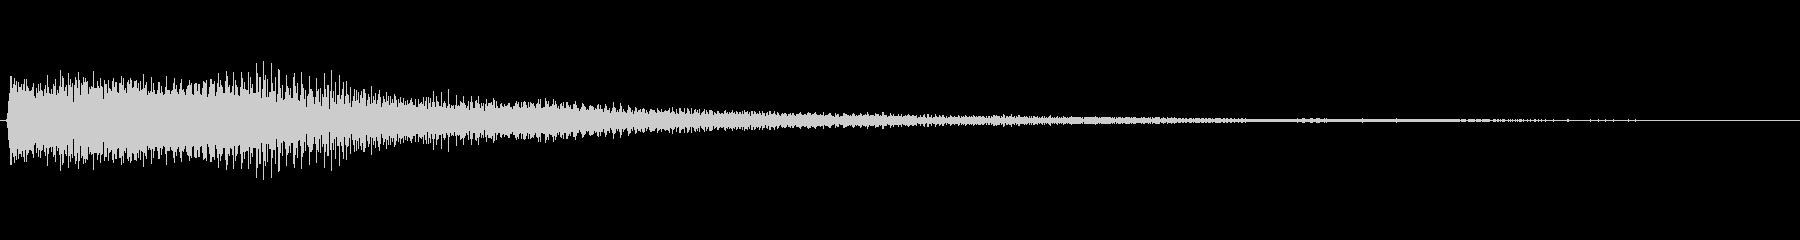 ドキュメンタリー調のピアノ音 リバーブ有の未再生の波形